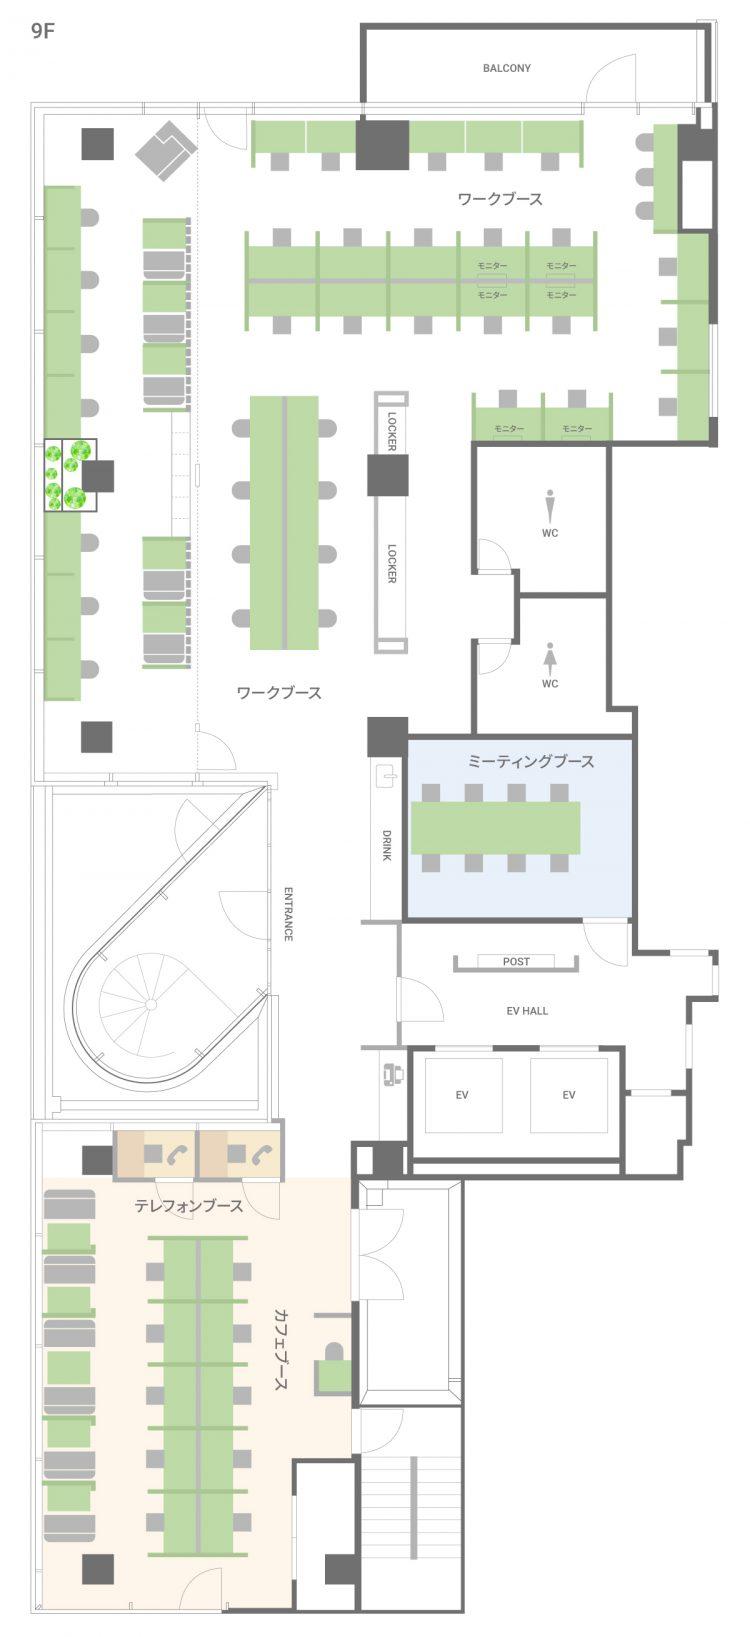 三条木屋町オフィス【6月19日プレオープン予定】の9Fのフロアマップ